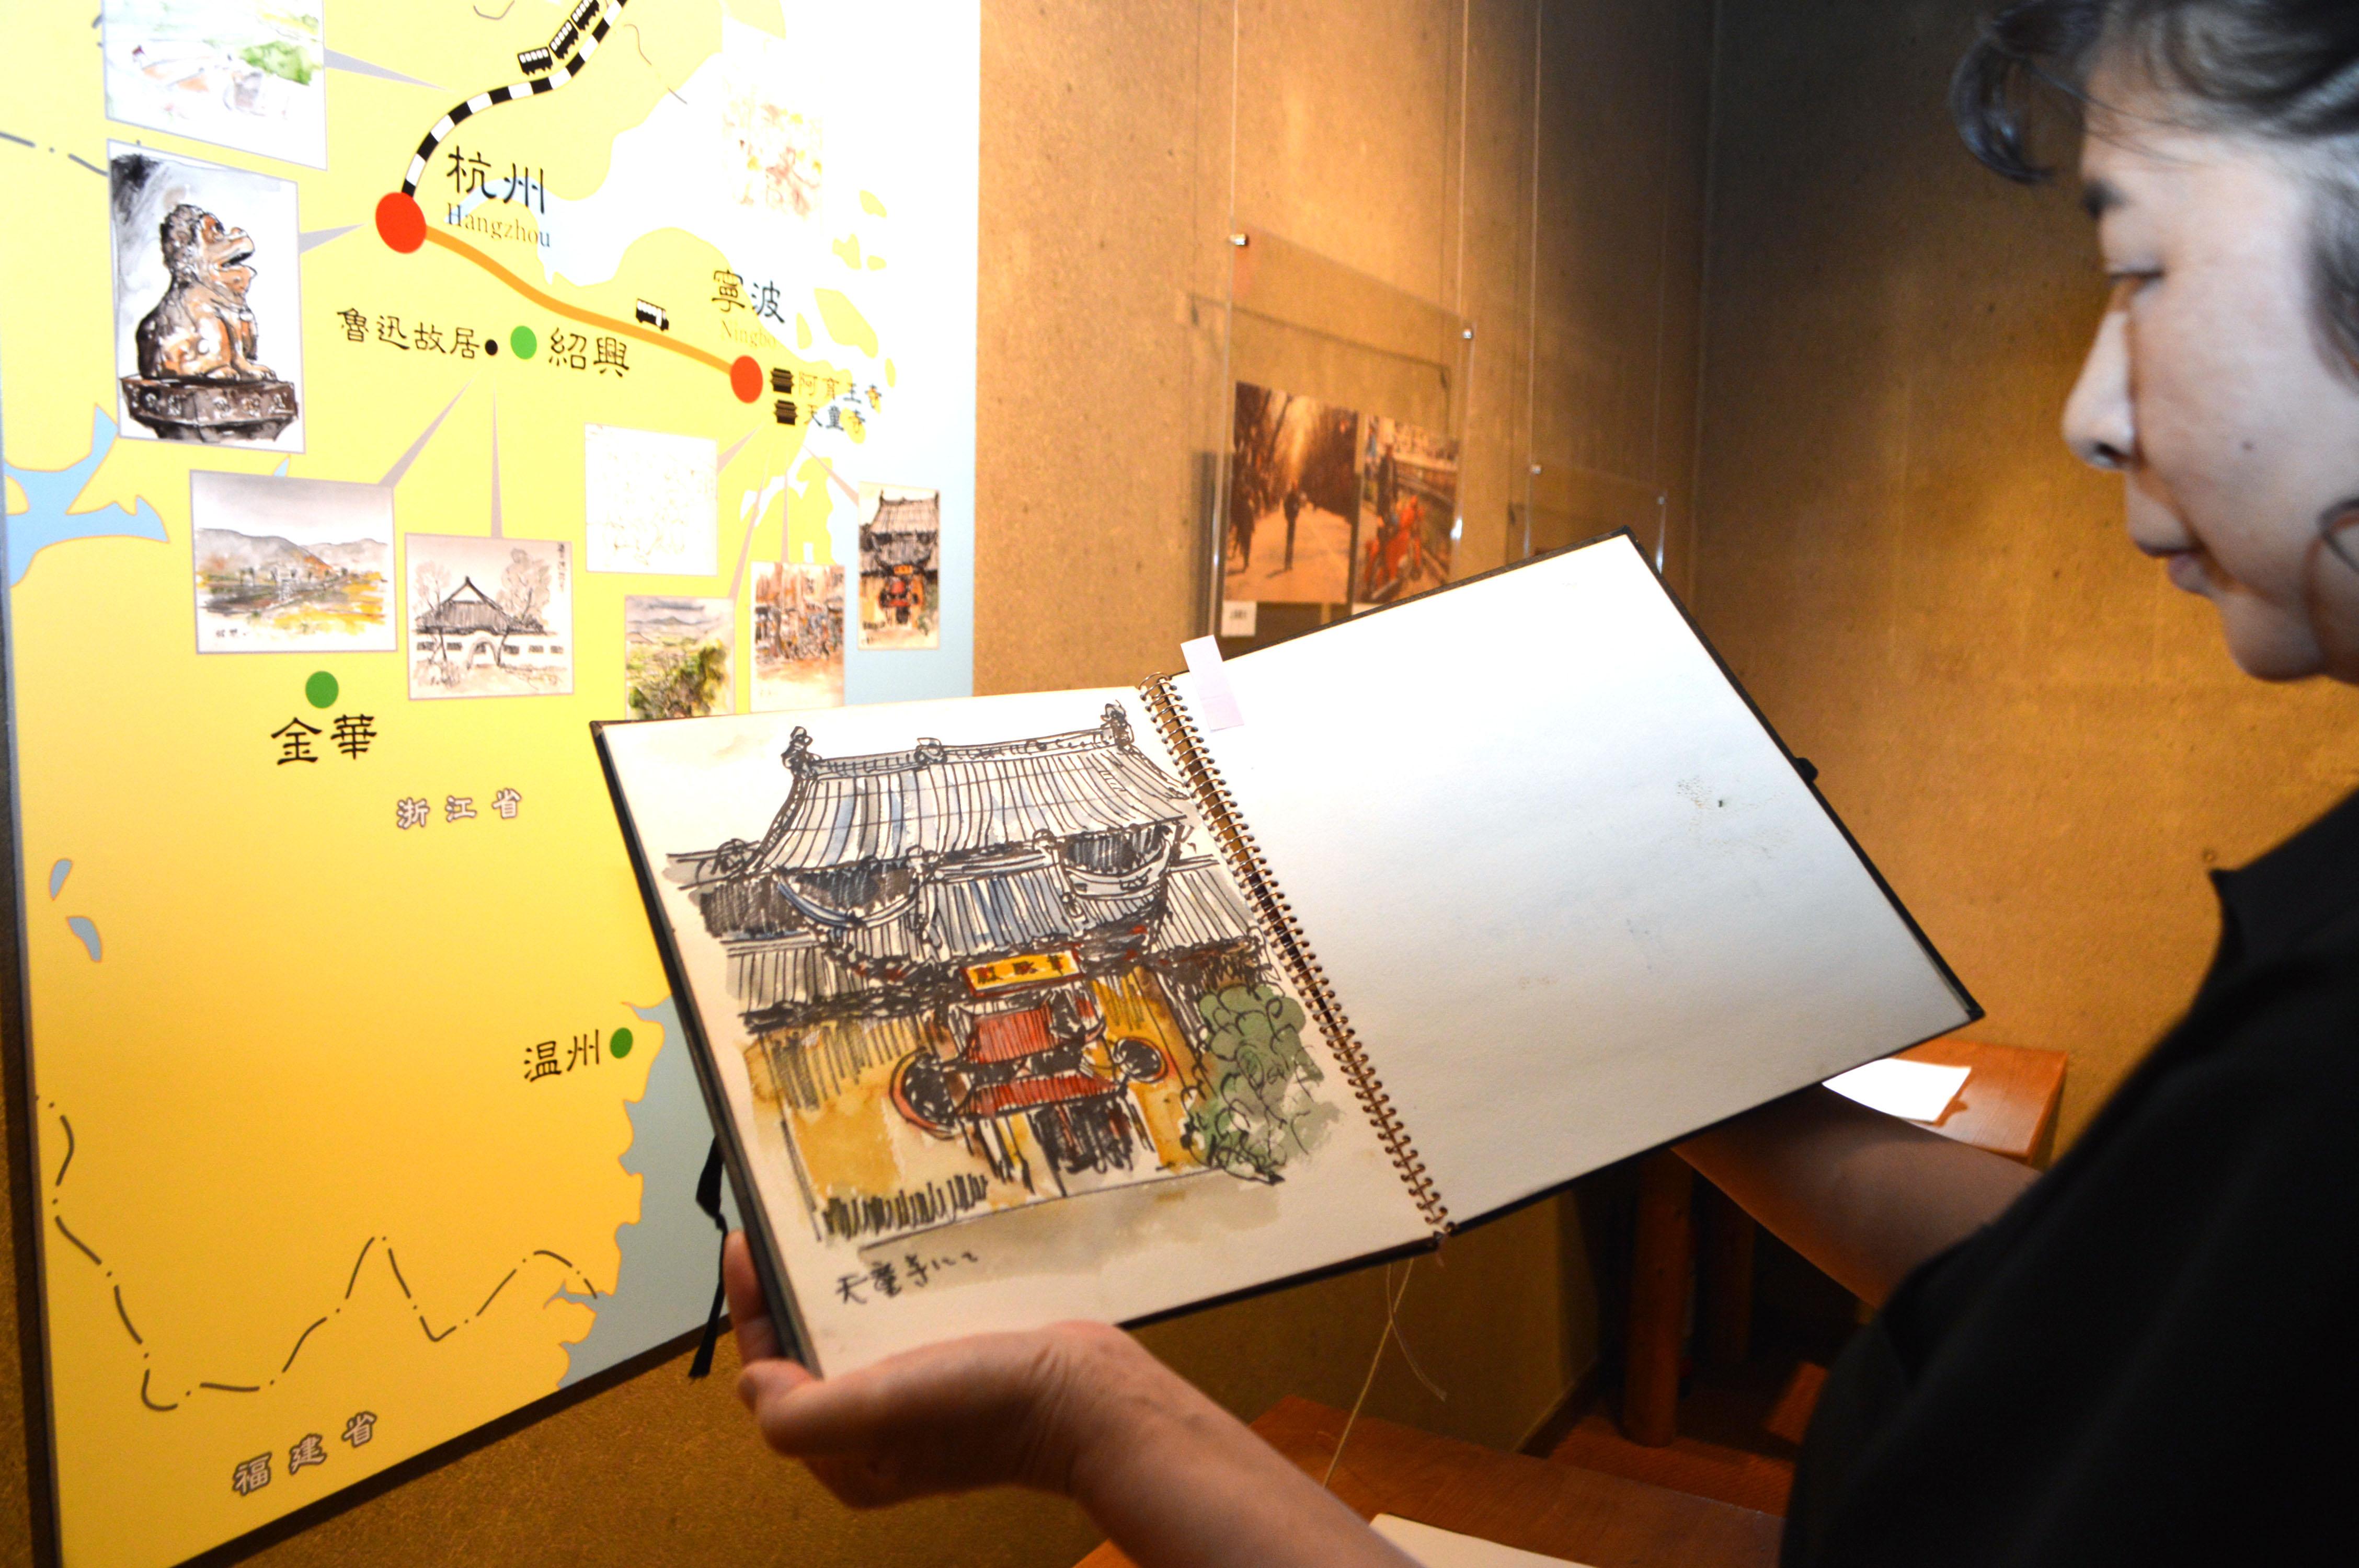 渡辺さんが中国で描いたスケッチ画などを披露している展覧会=福井県おおい町岡田の若州一滴文庫